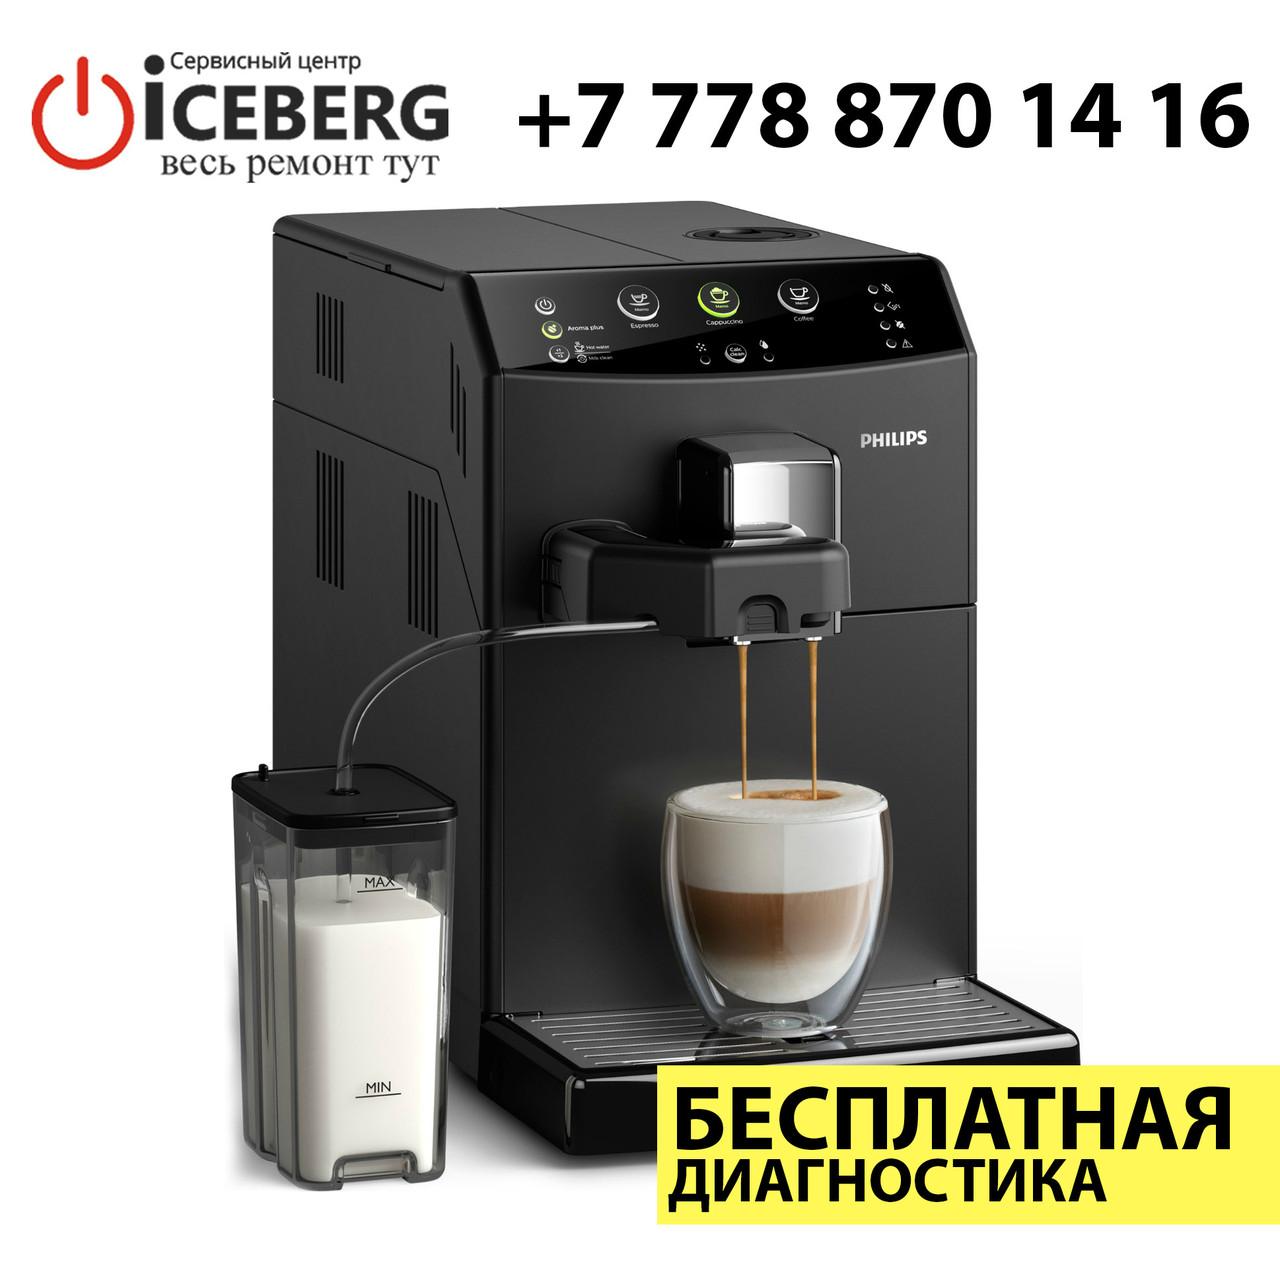 Ремонт и чистка кофемашин (кофеварок) PHILIPS